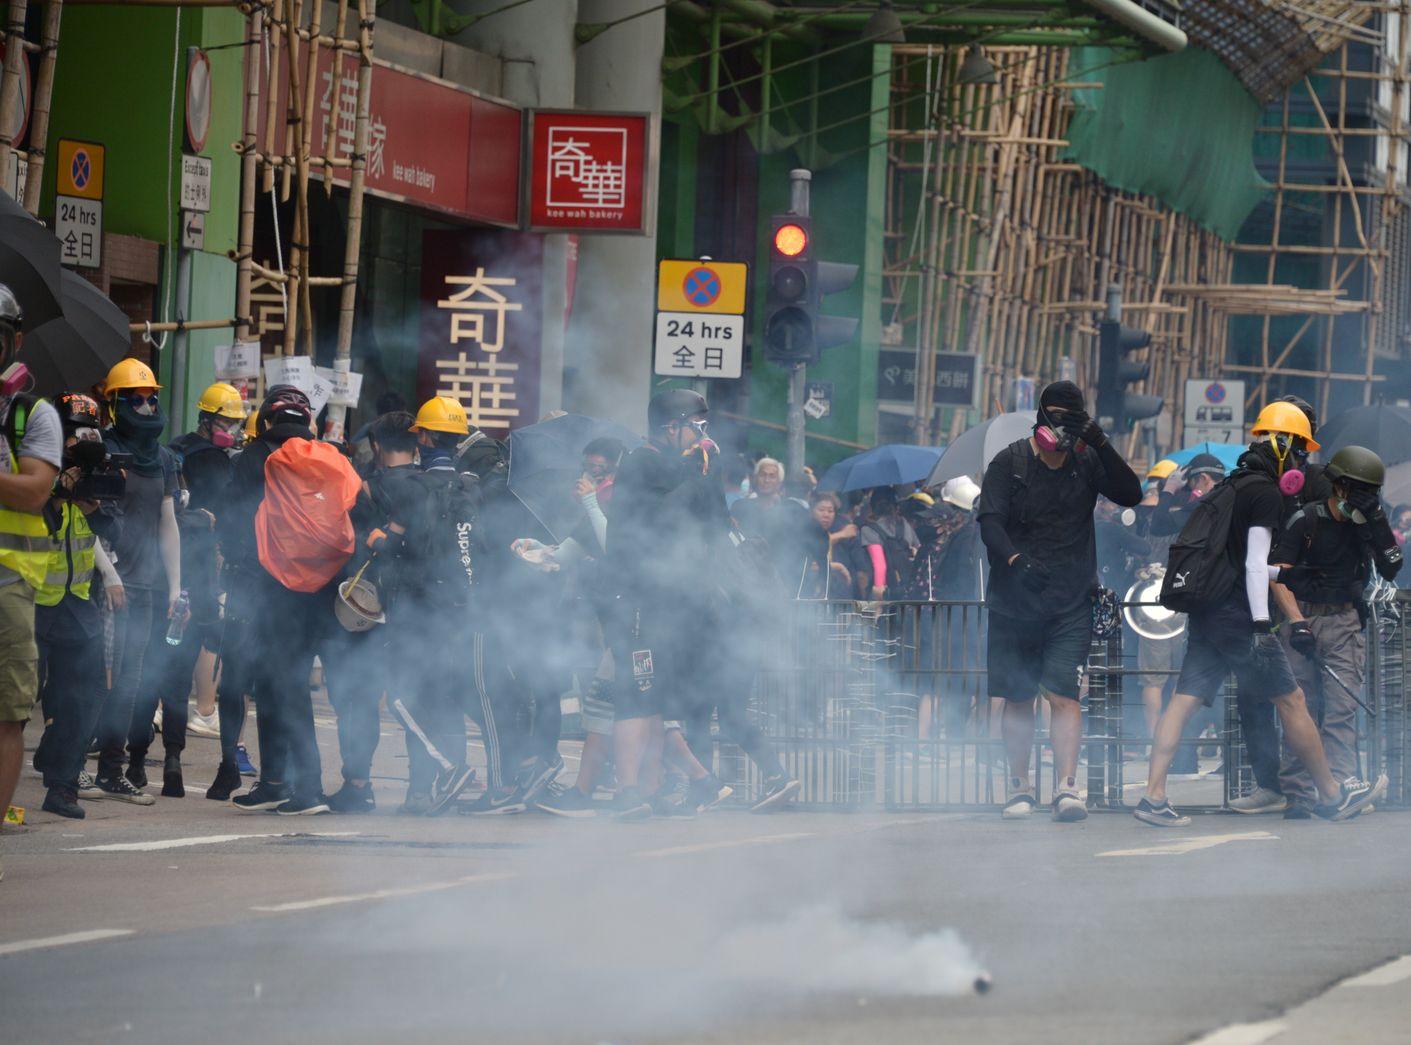 聯署譴責警方濫用暴力,胡亂於鬧市開槍草菅人命。資料圖片